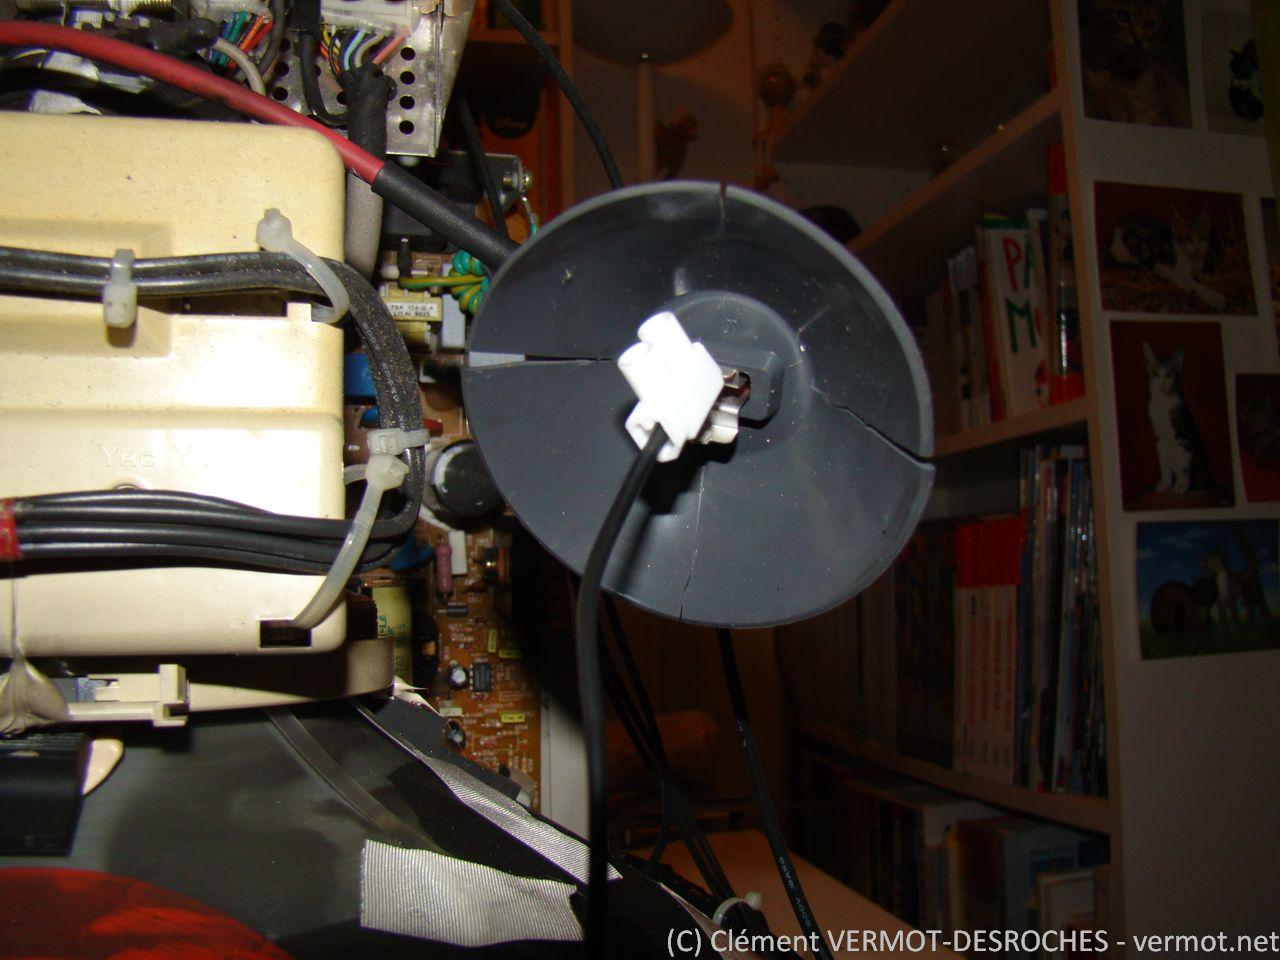 Connexion polarité positive avec un domino d'électricien sur la ventouse